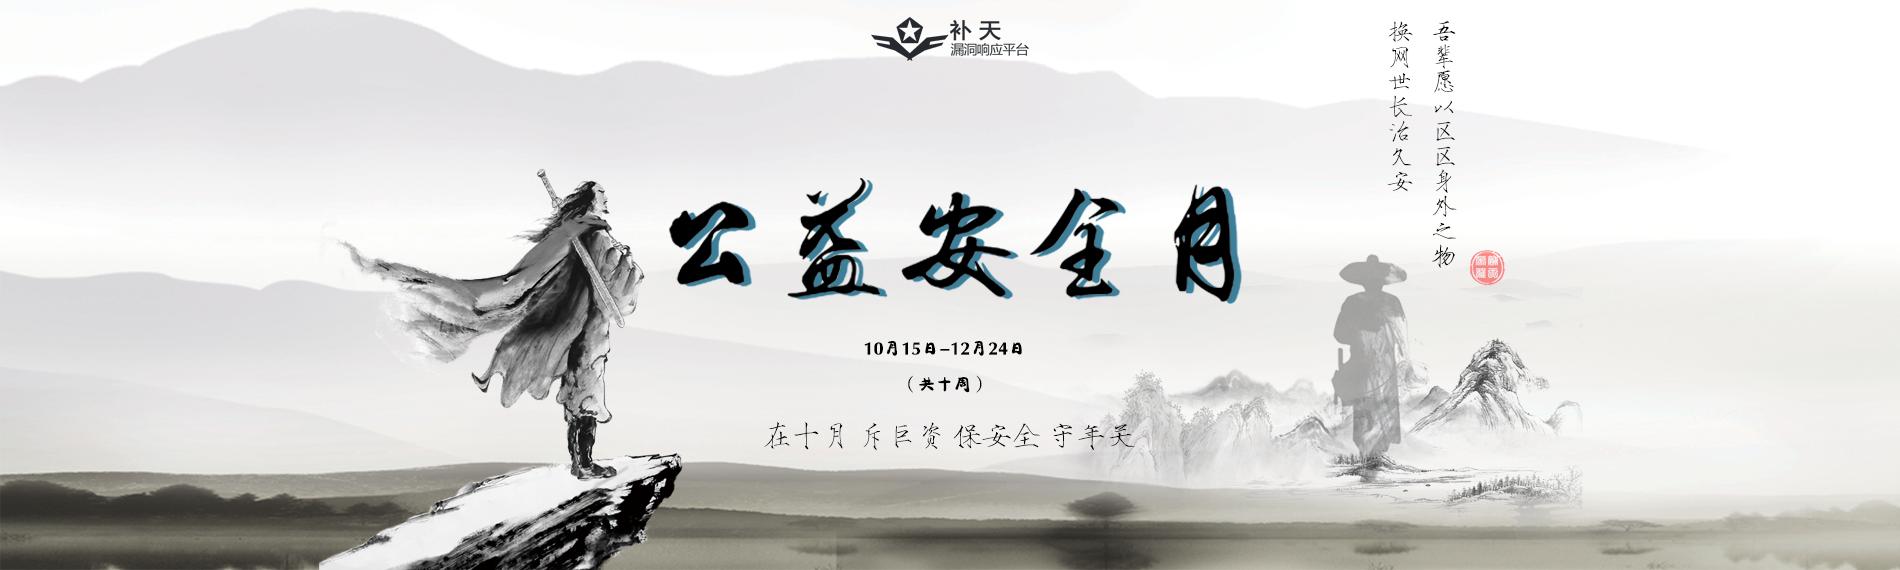 公益安全月官网banner.png